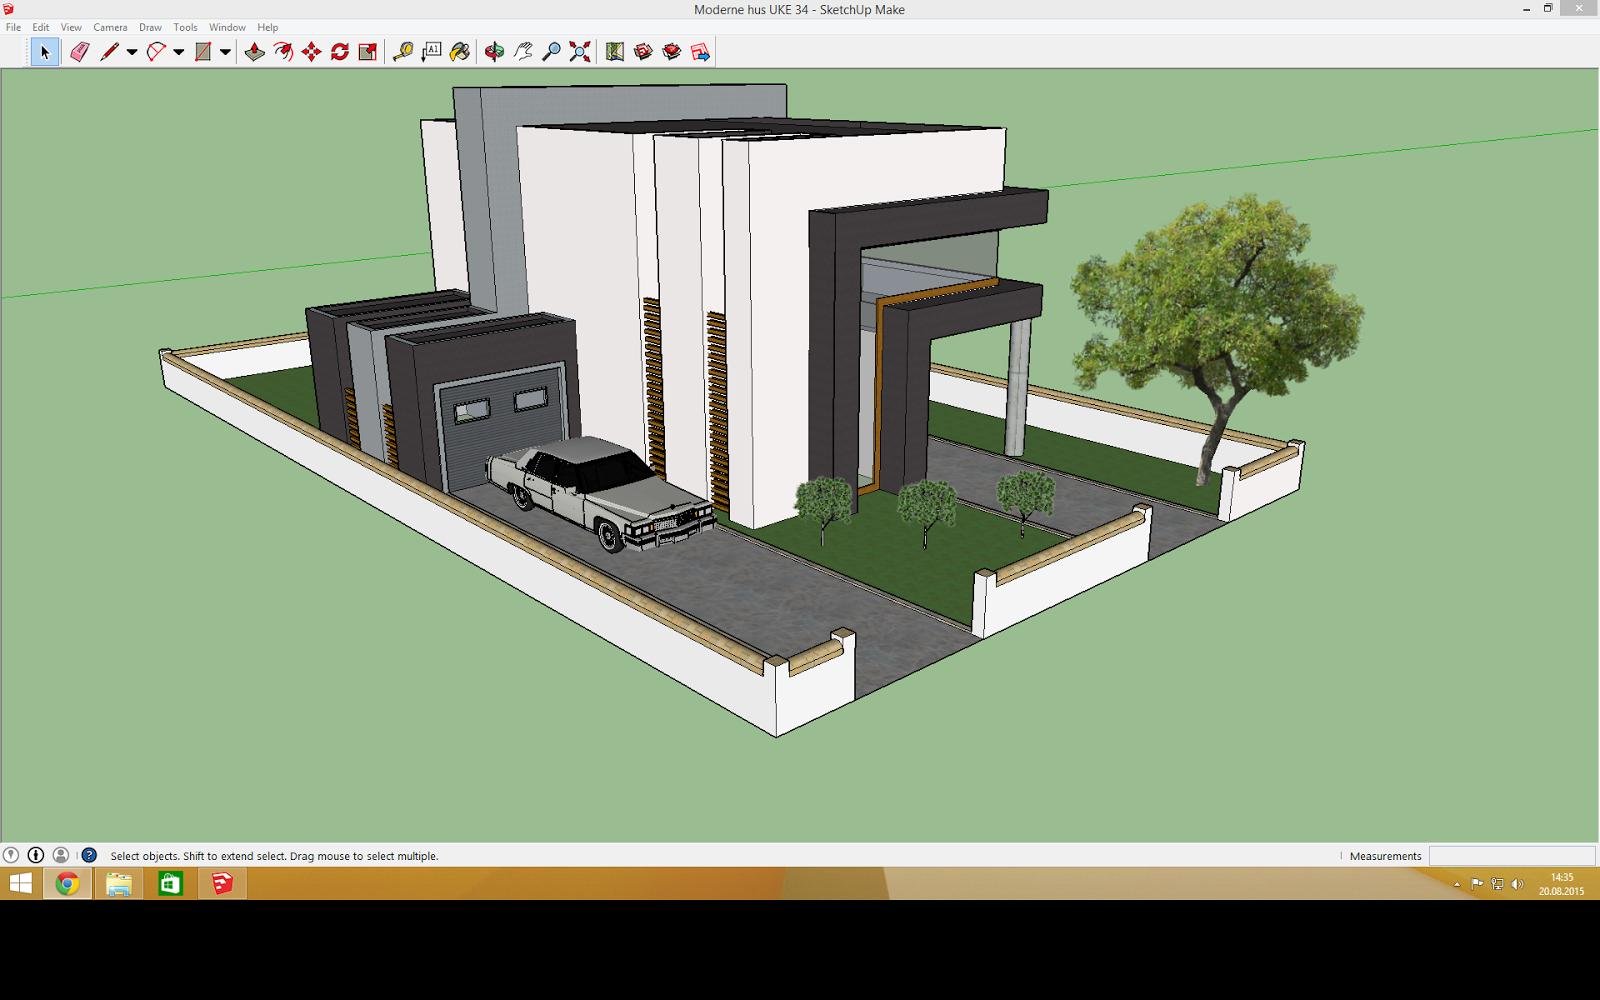 i dag startet jeg med lage enda ett hus nr jeg endelig ble ferdig s klarte jeg ta vekk programmet uten lagre mte gjre hele greia omigjen - Moderne Huser 2015